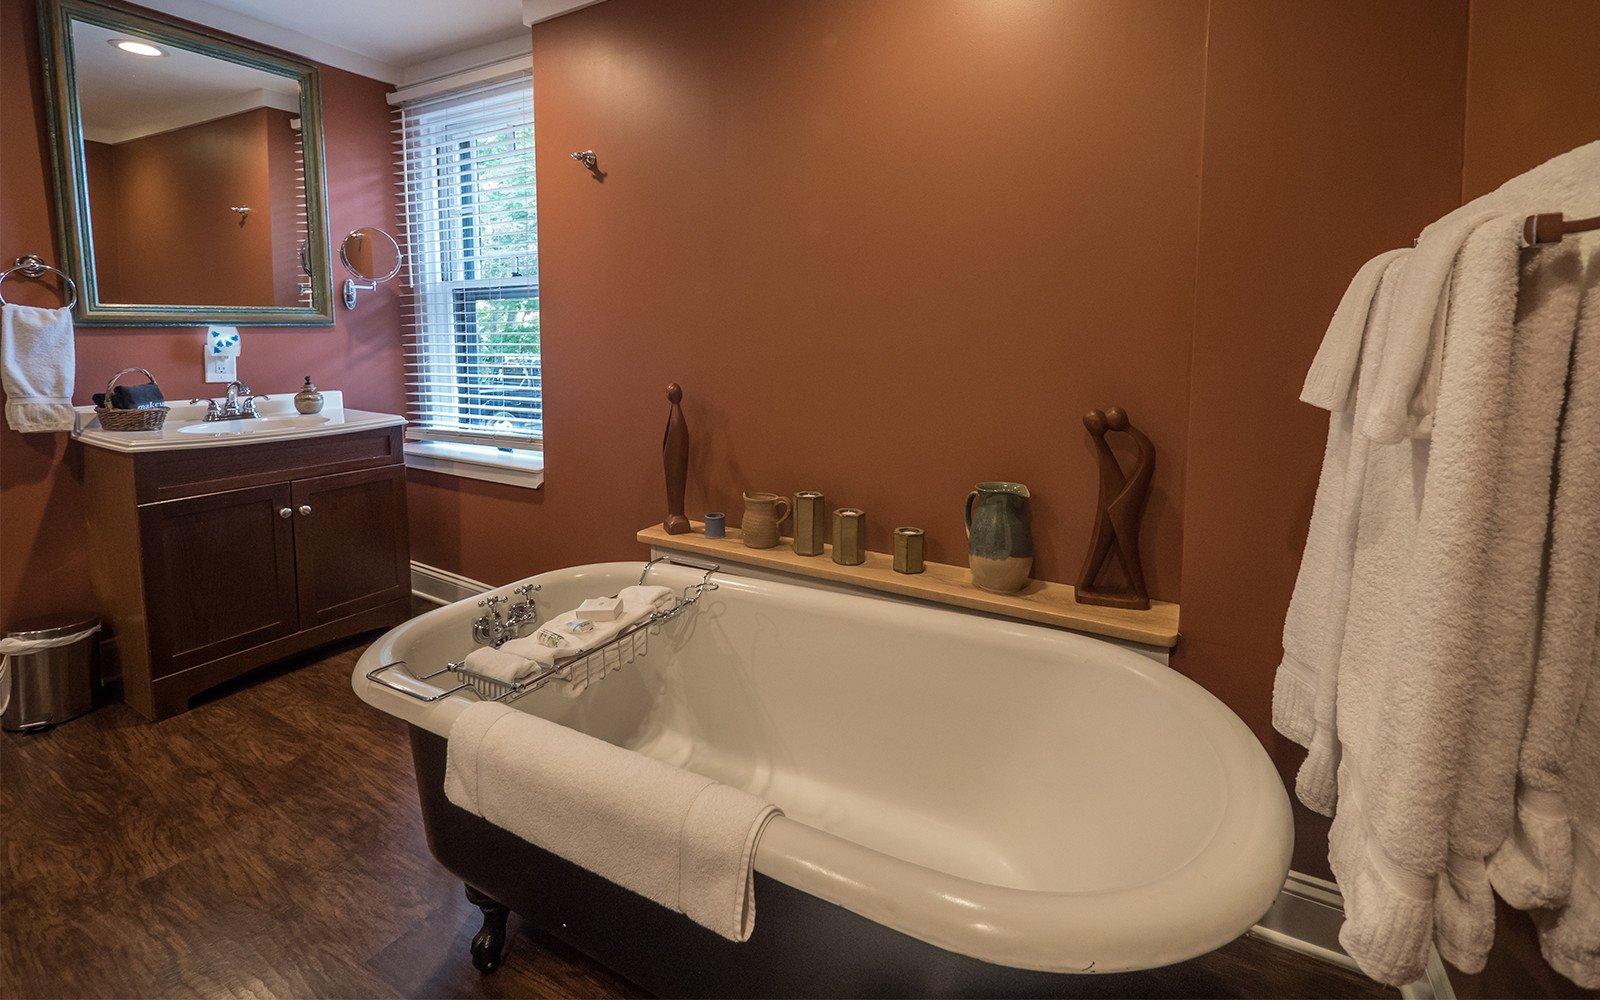 Probart-bathroom-1